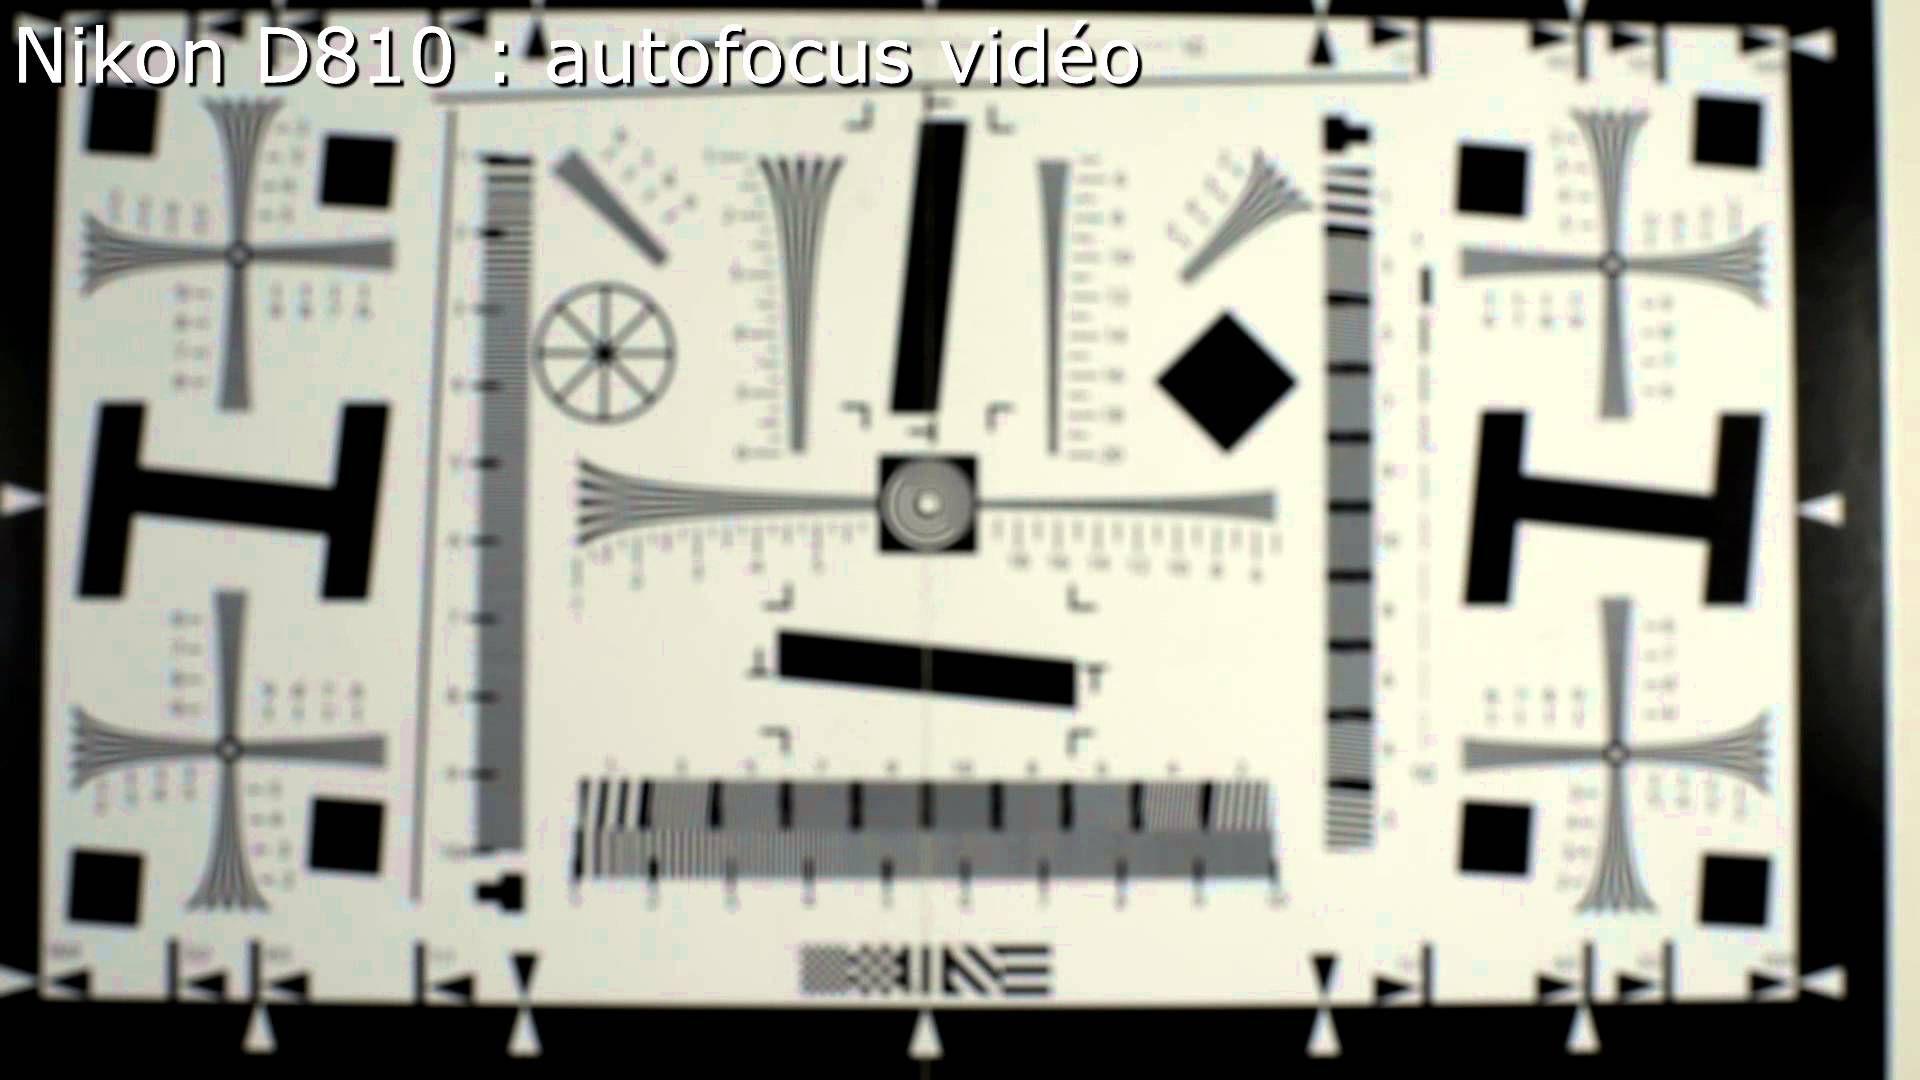 Nikon D810 autofocus vidéo